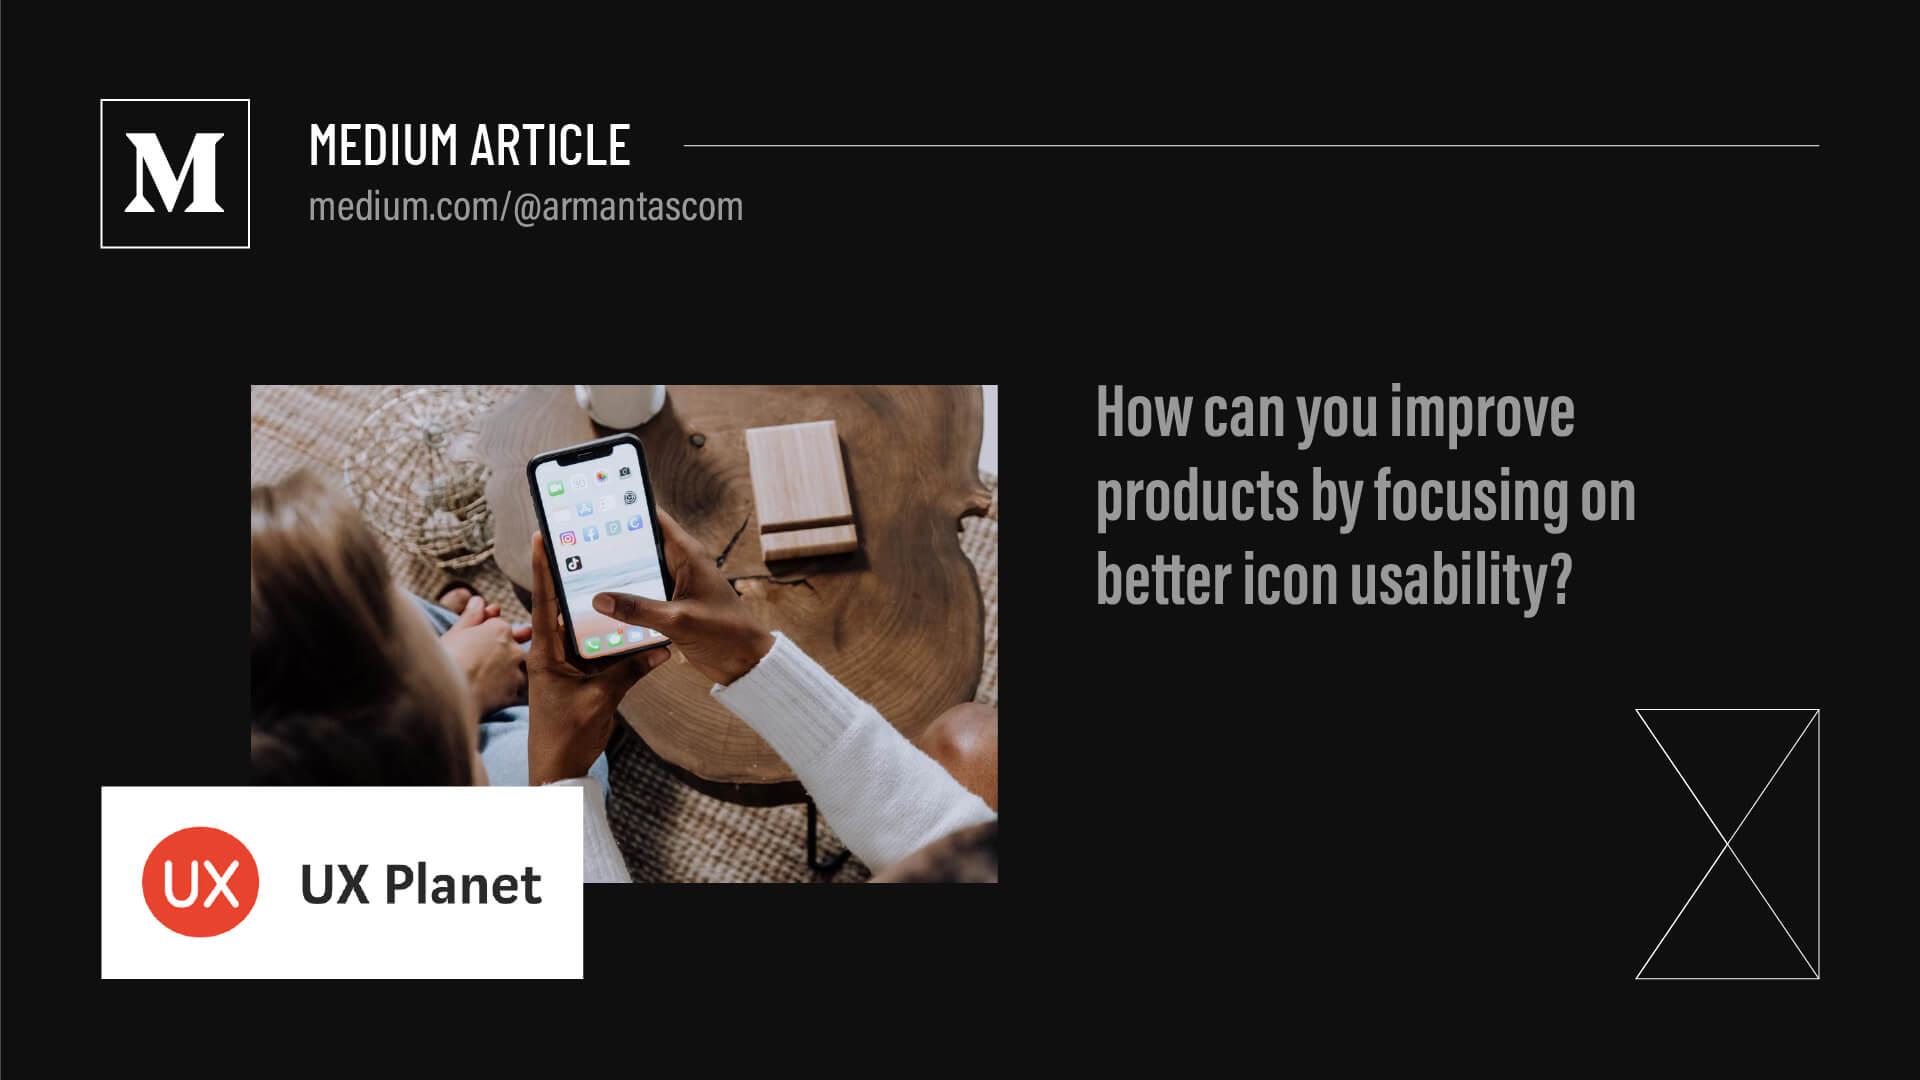 Medium article image